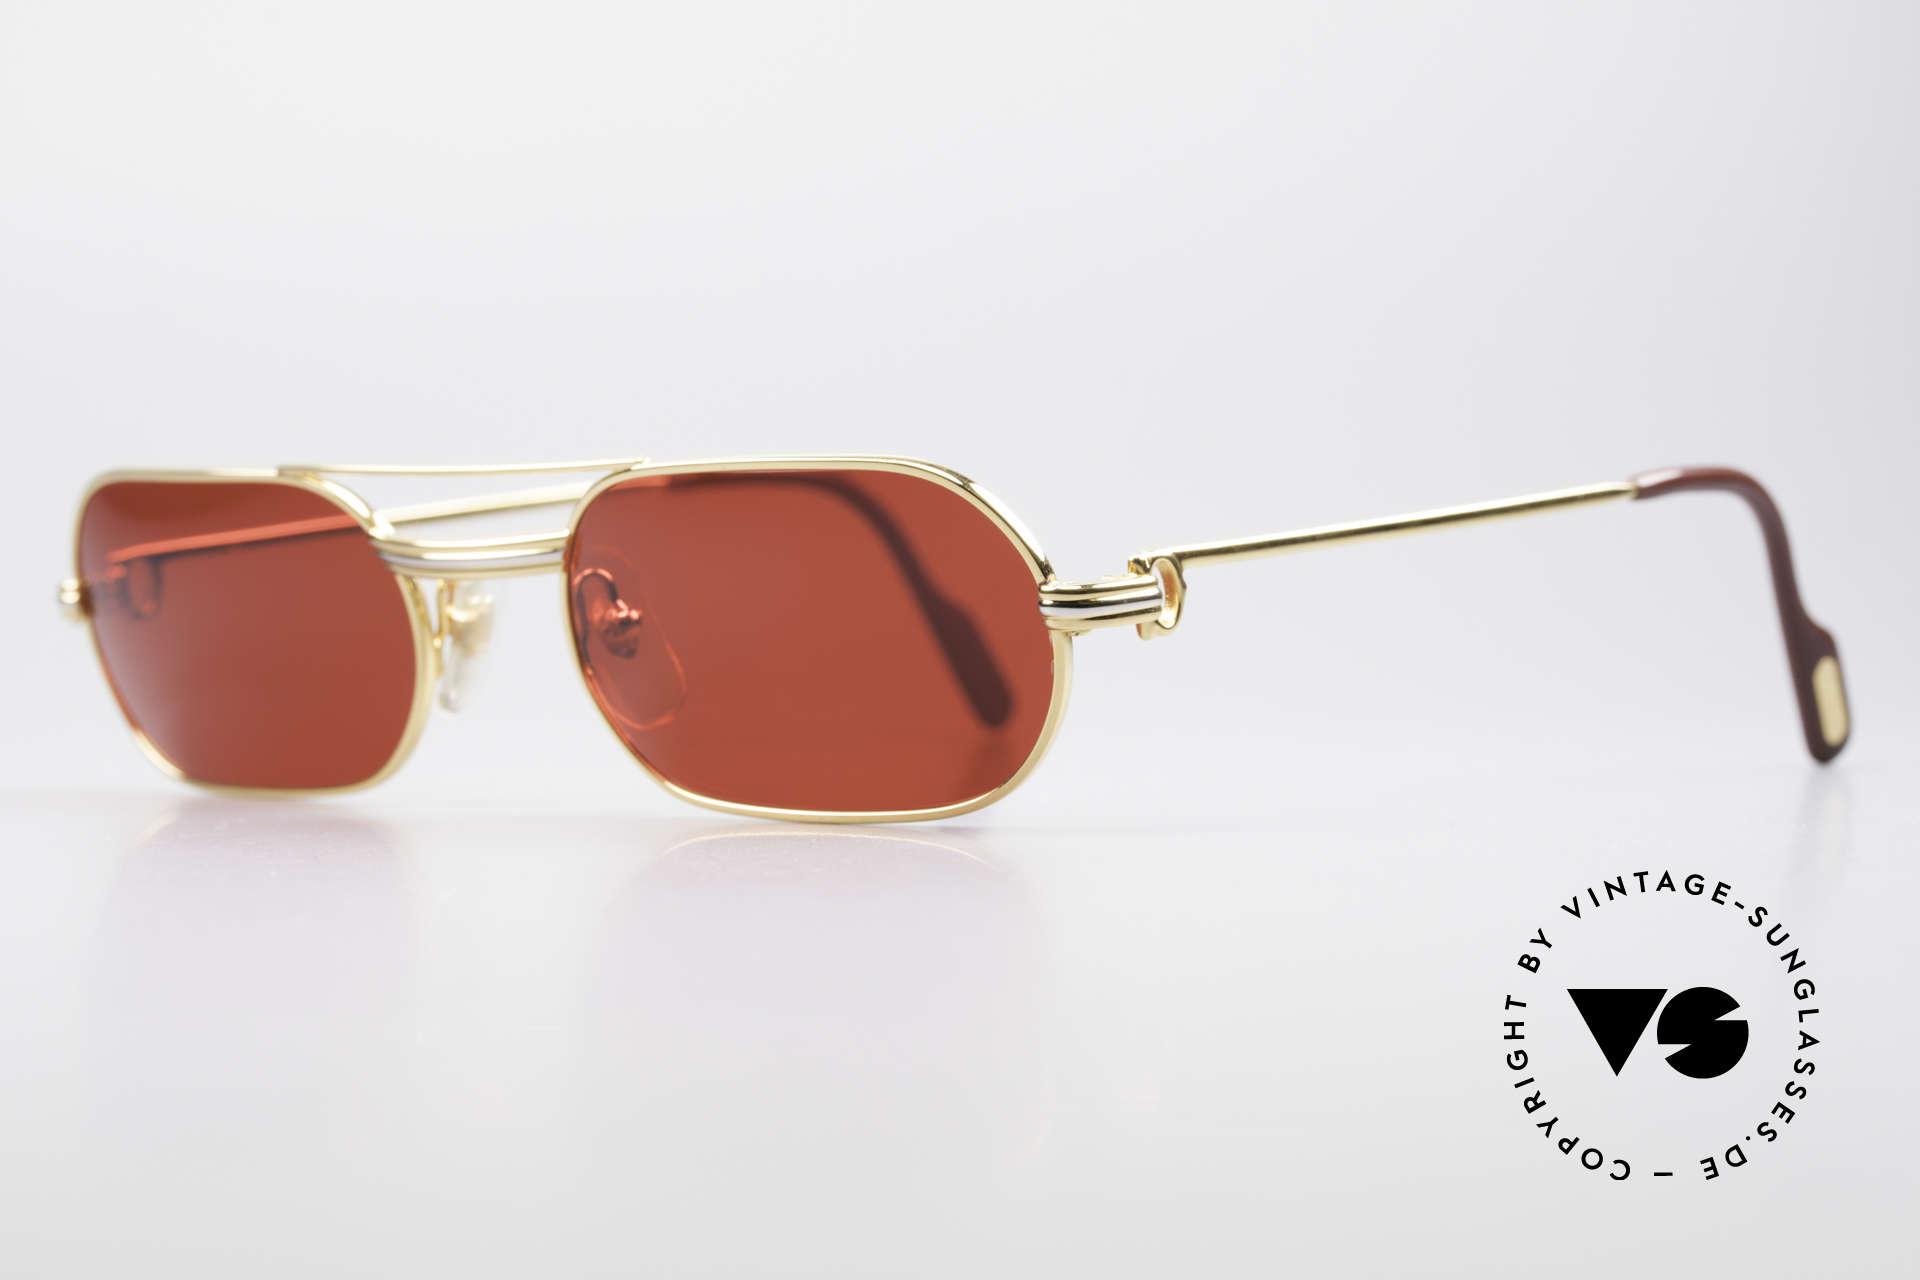 Cartier MUST LC - M 3D Rot Luxus Sonnenbrille, 22kt vergoldet (wie alle alten Cartier Luxus-Brillen), Passend für Herren